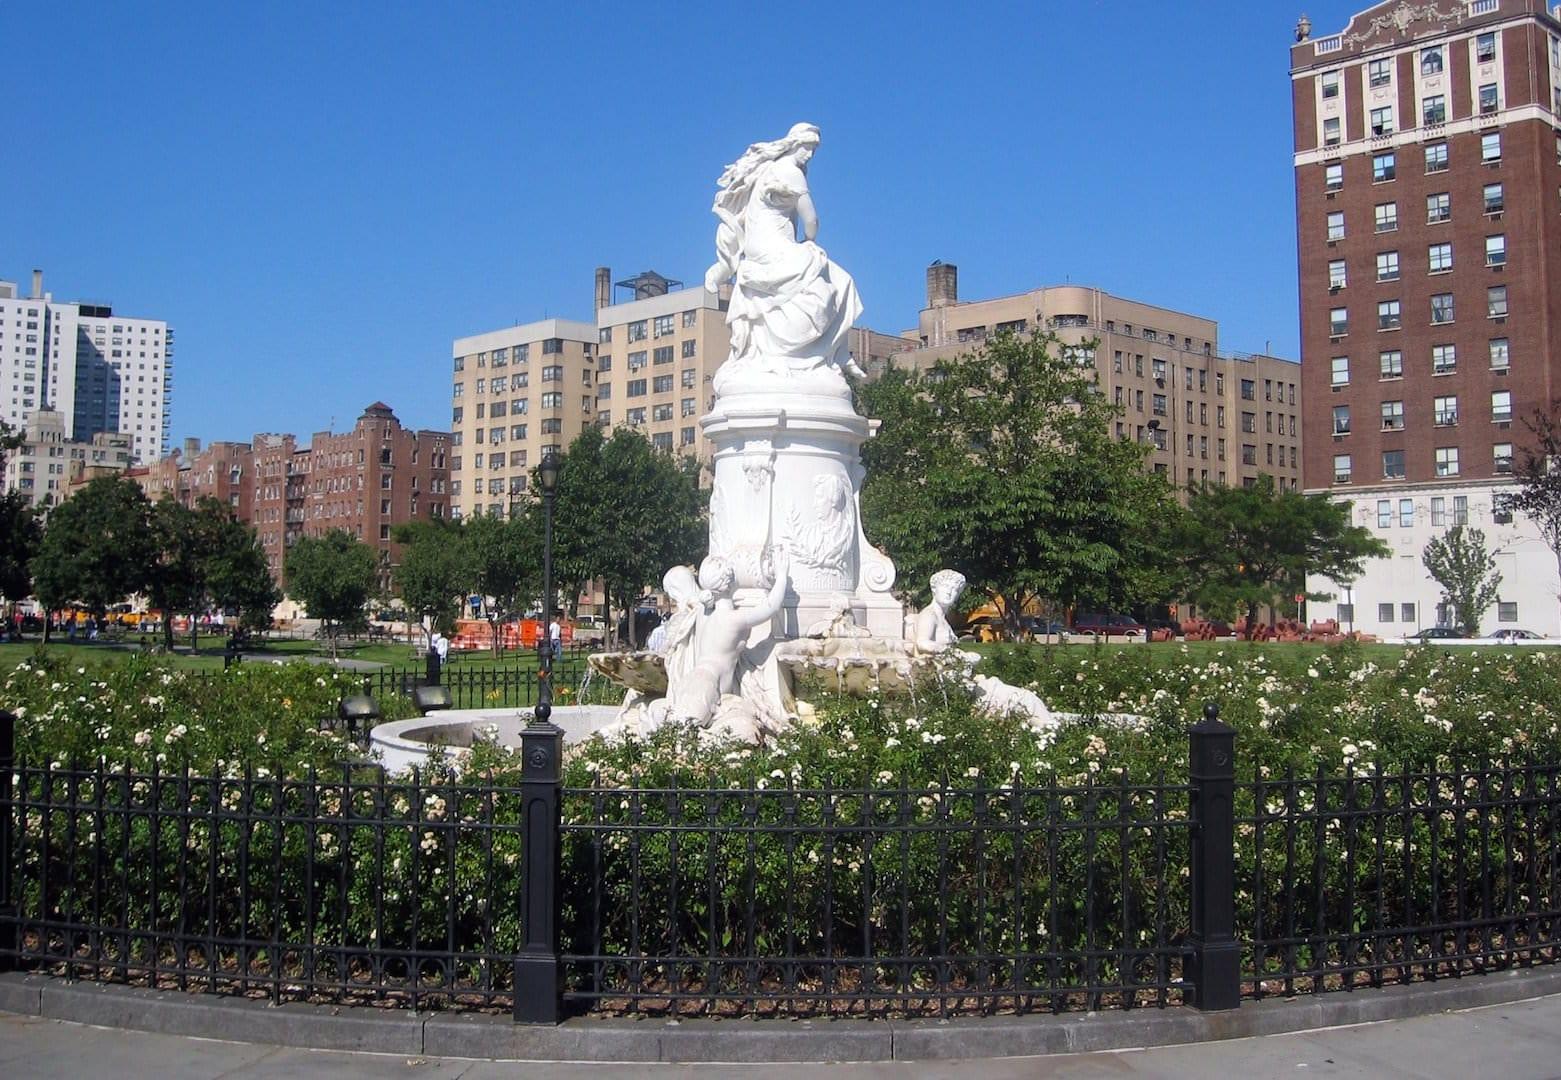 Die Heinrich Heine Statue in der Bronx / Bild: Wally Gobetz / Flickr.com